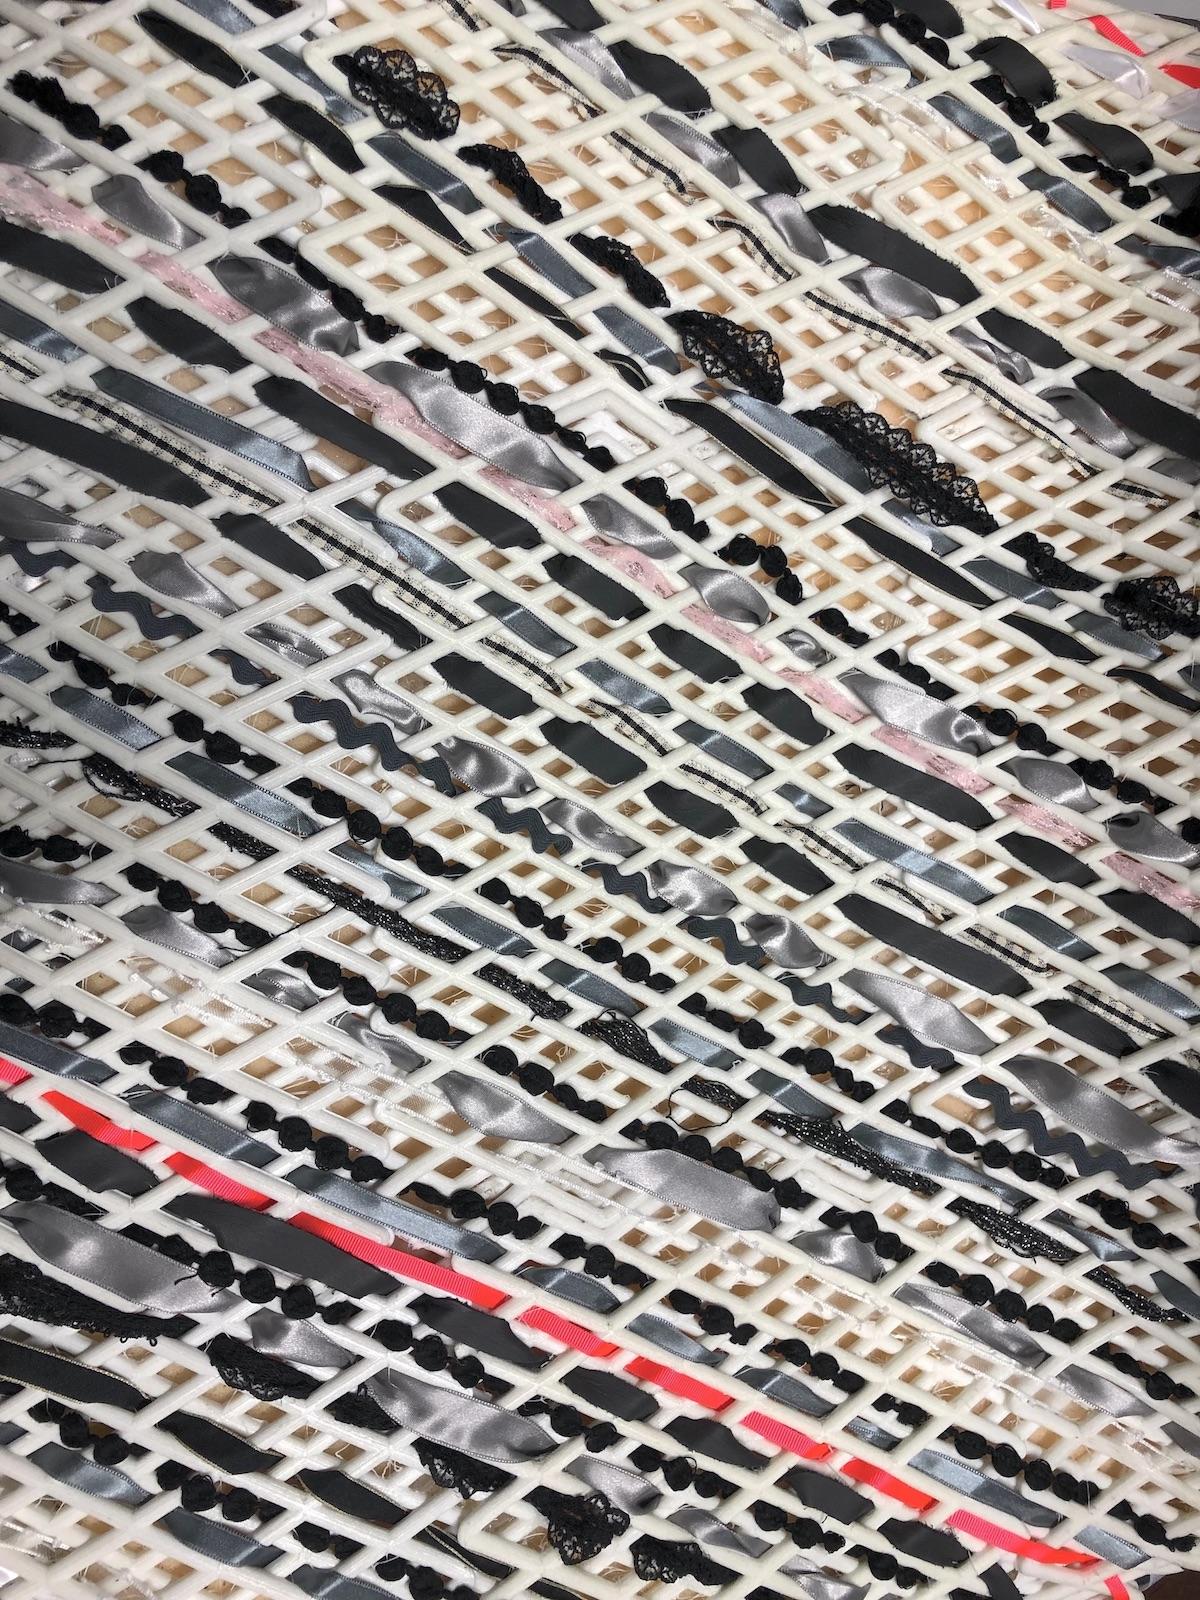 lou st cyr weaving design detail